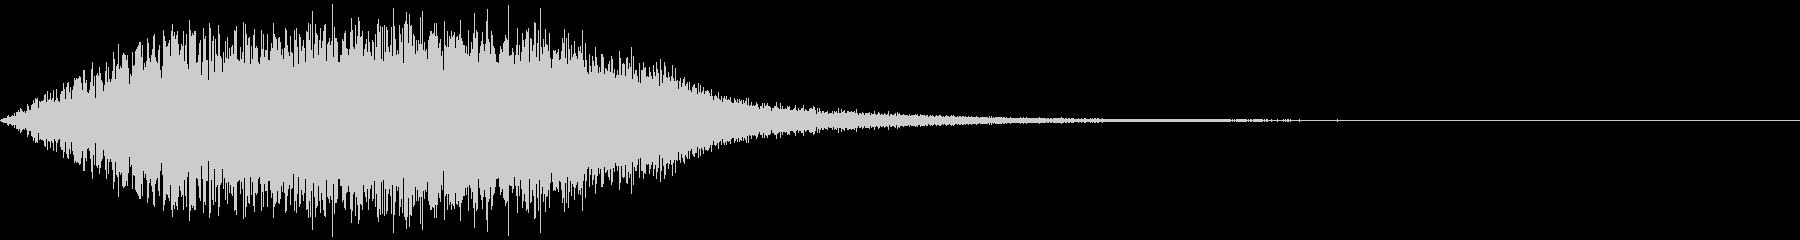 【ダーク・ホラー】アトモスフィア_16の未再生の波形